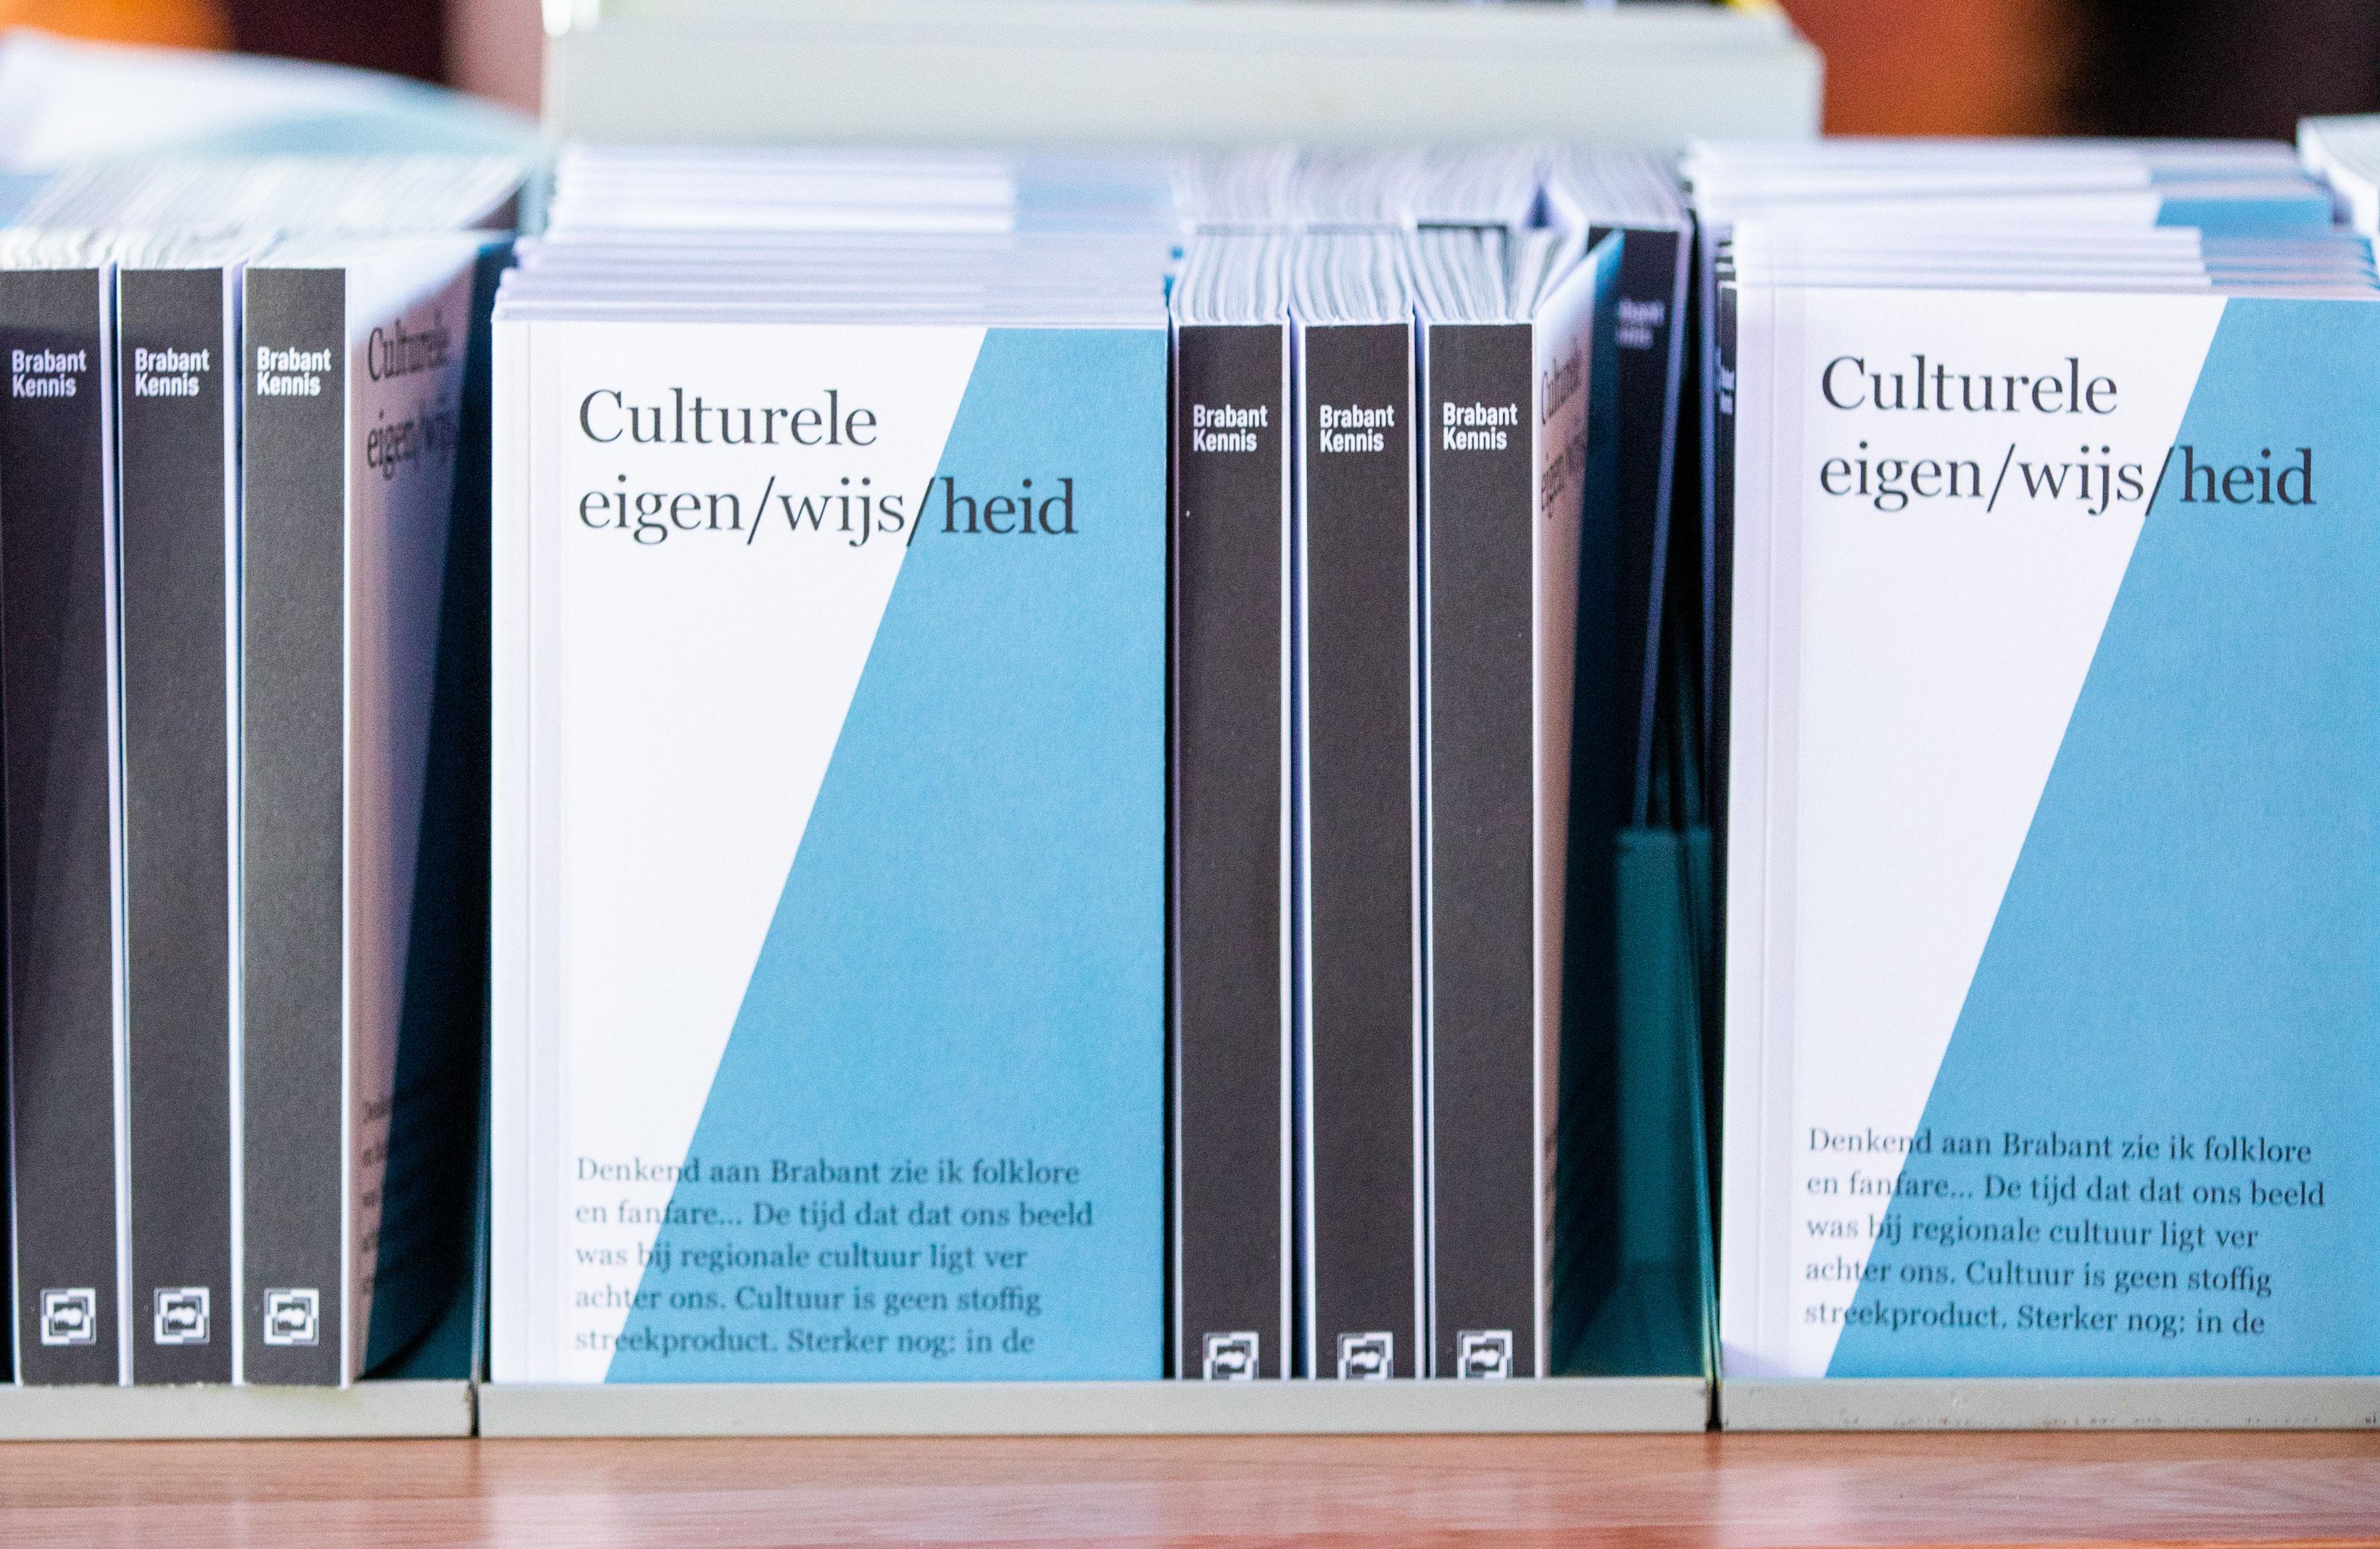 Publicatie Culturele eigen/wijs/heid